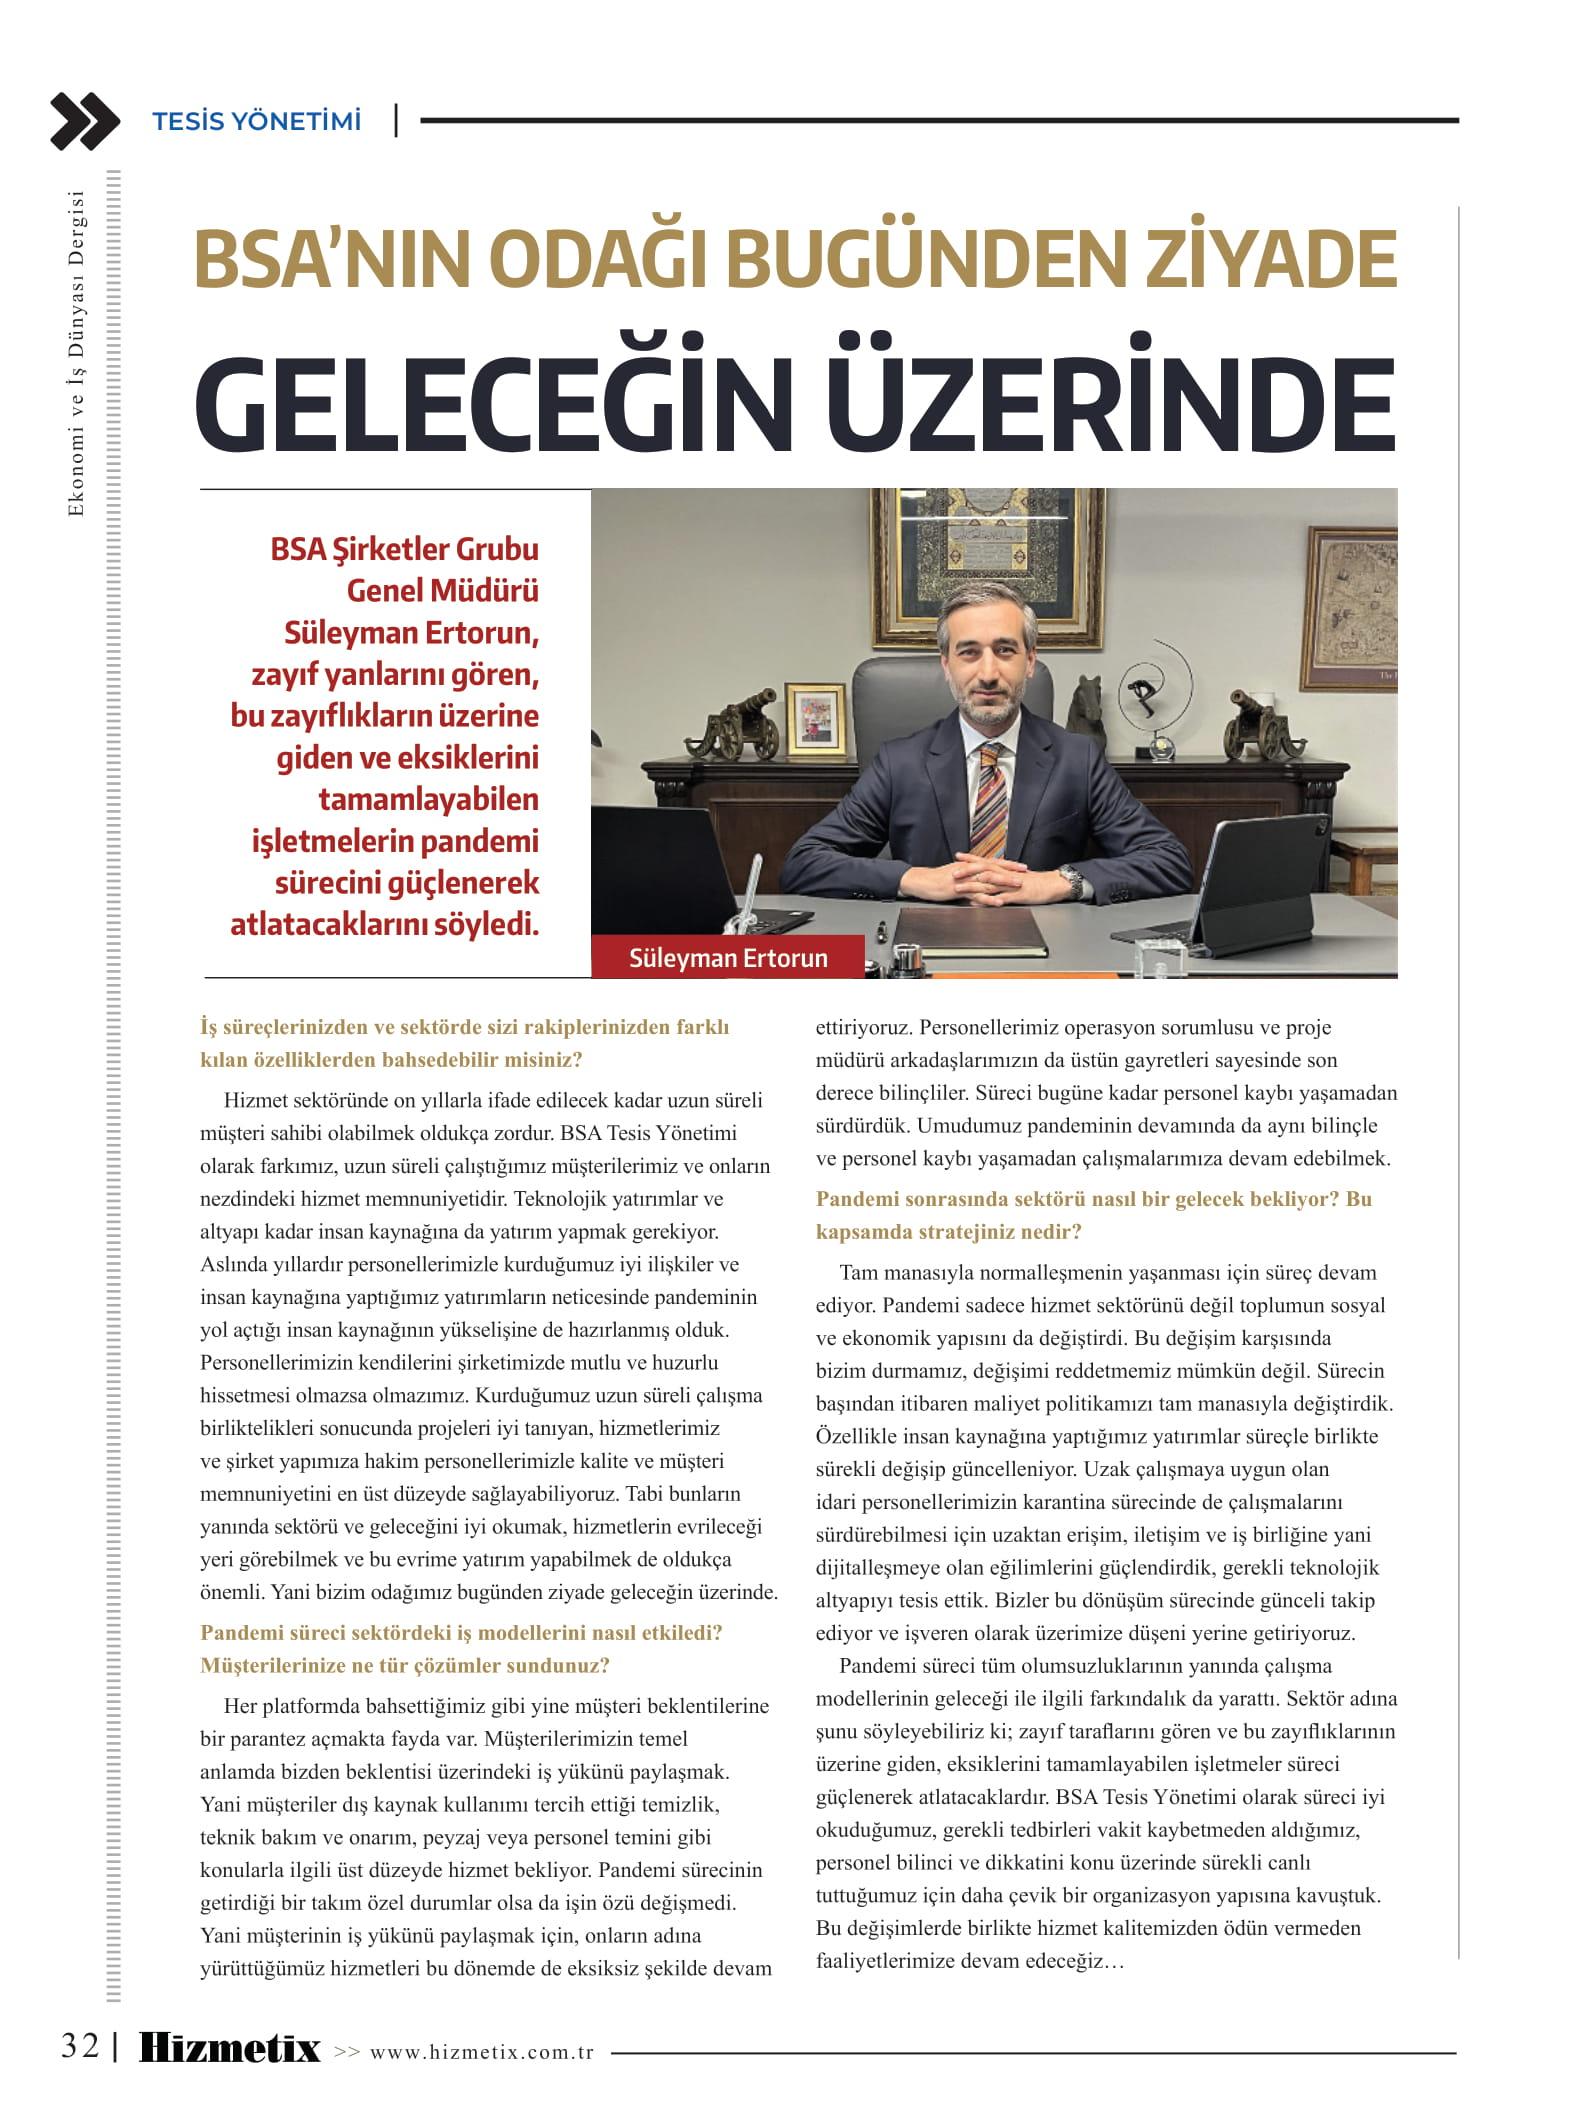 BSA Tesis Yönetimi Süleyman Ertorun>